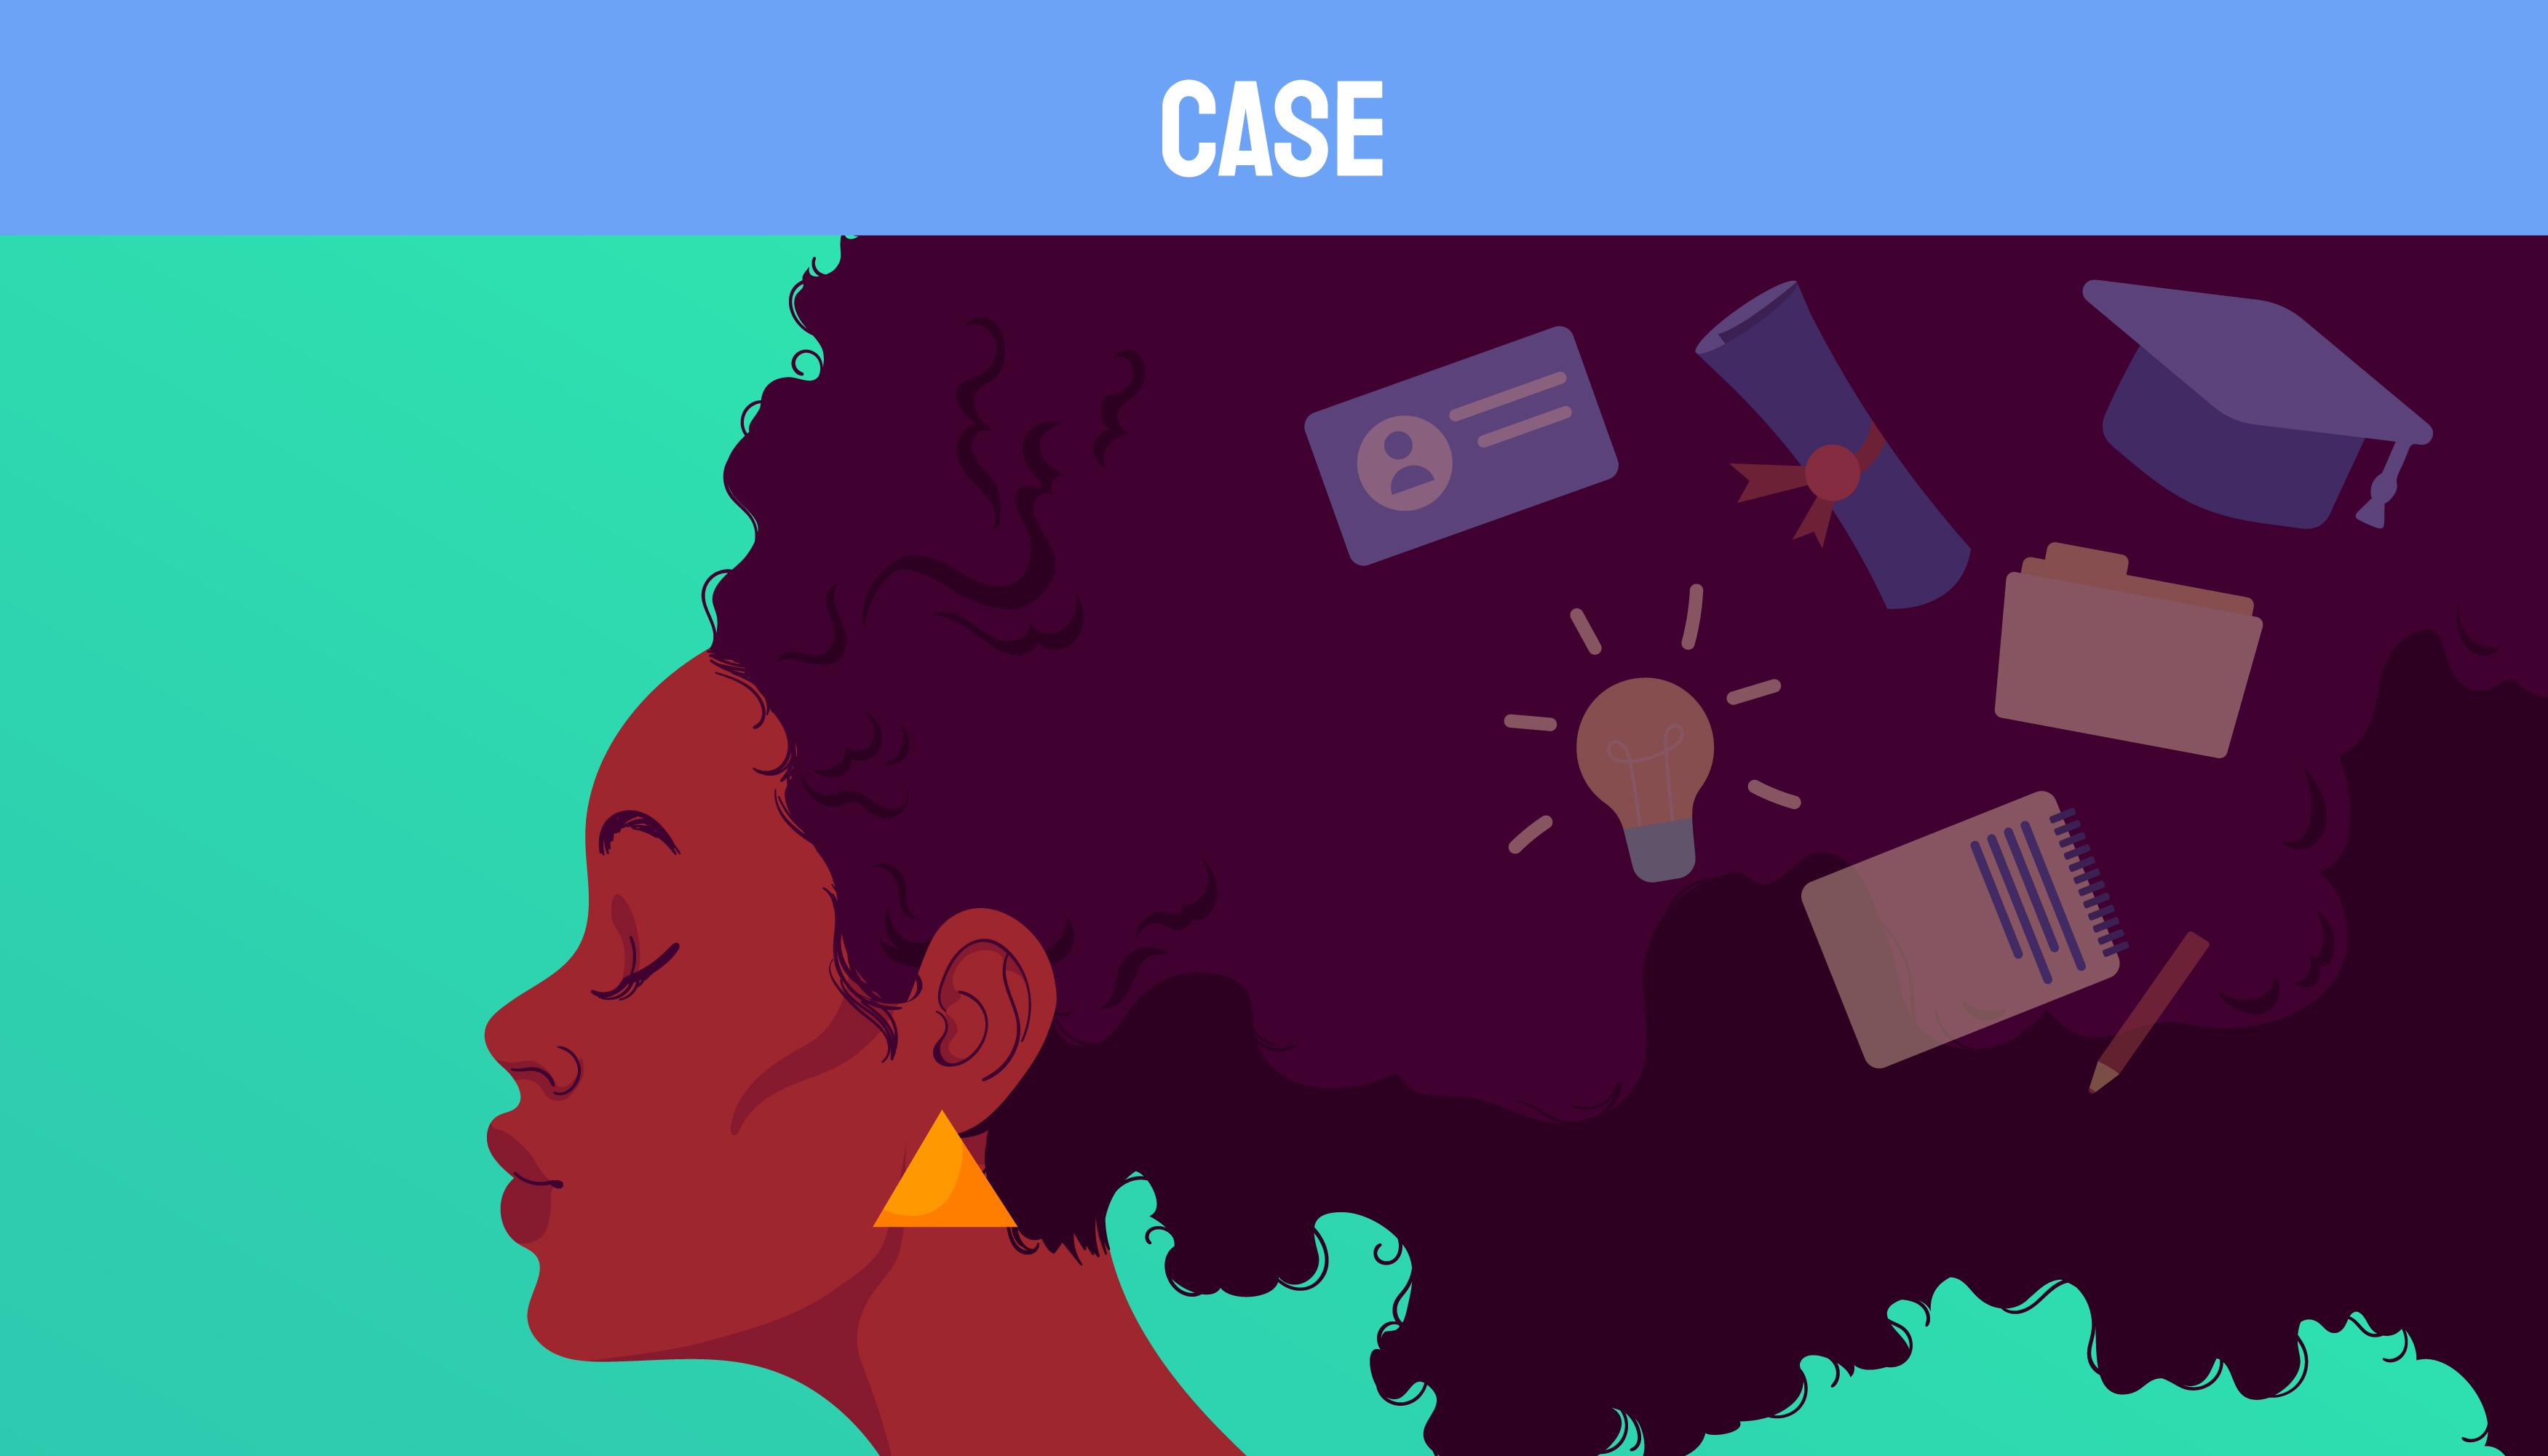 Imagem de capa Case Dow: capacitação, diversidade e inclusão